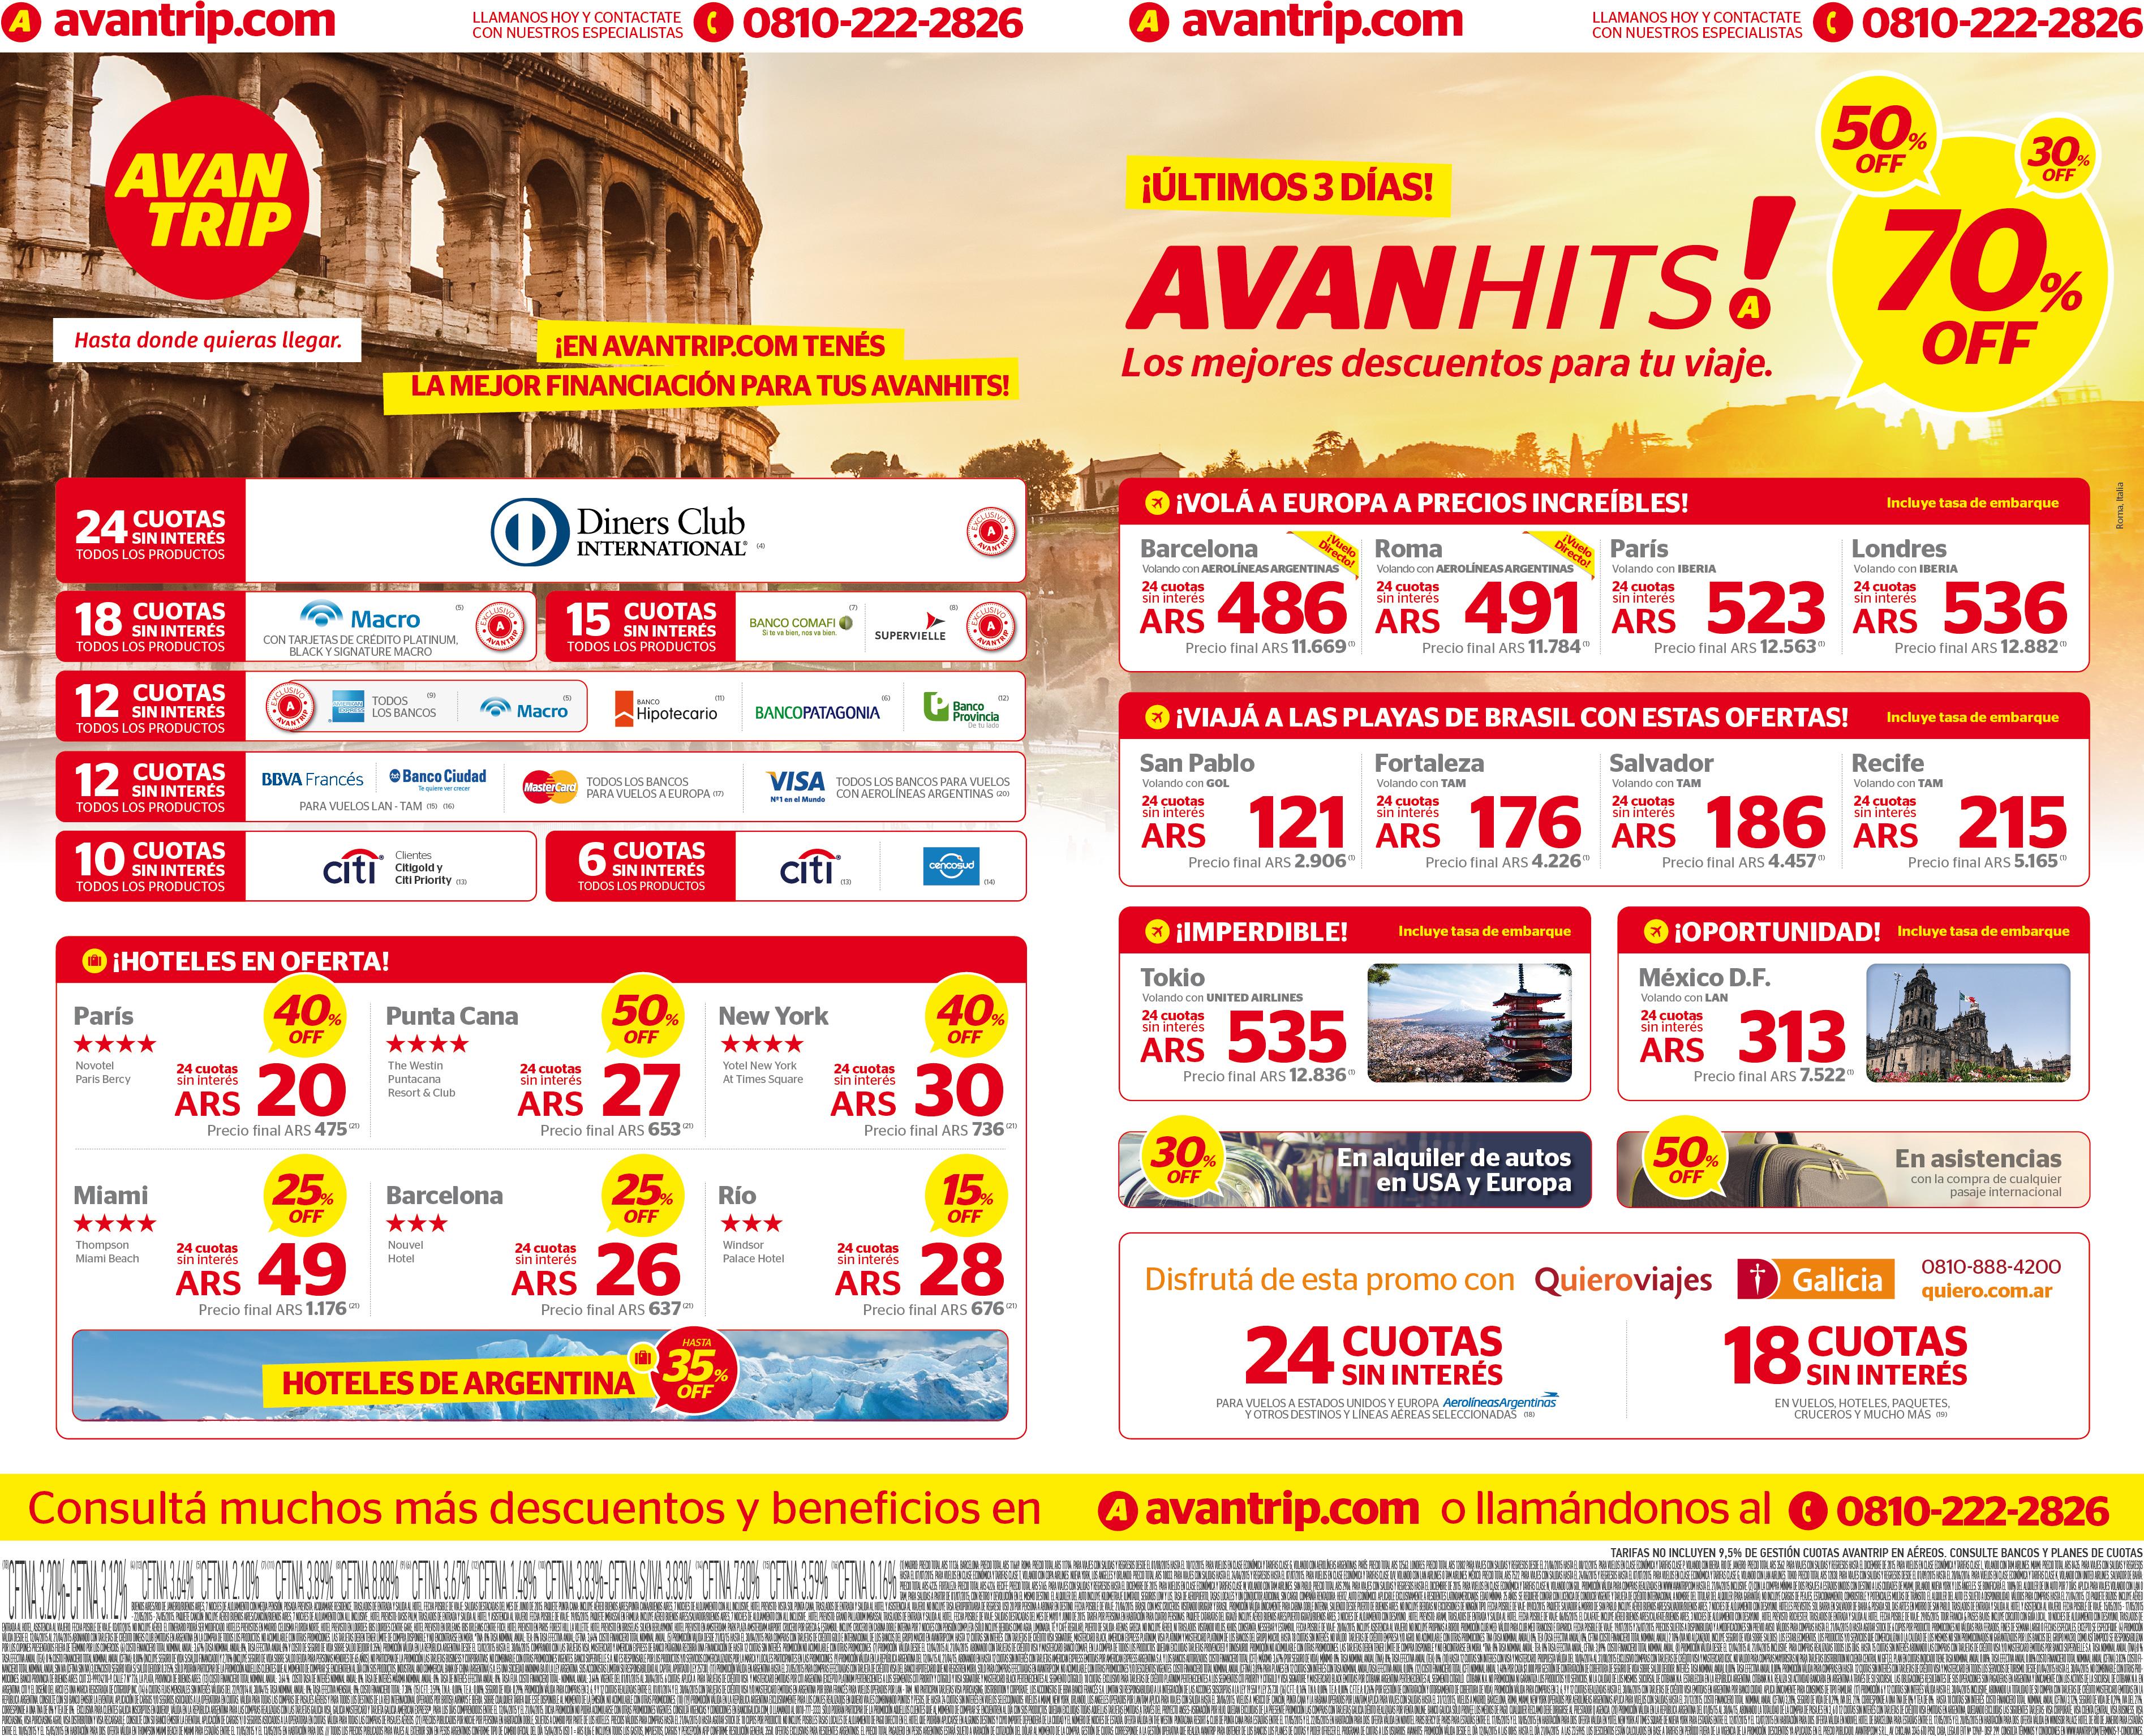 AVT_avisos_2015-04-19_lanacion_insert-02